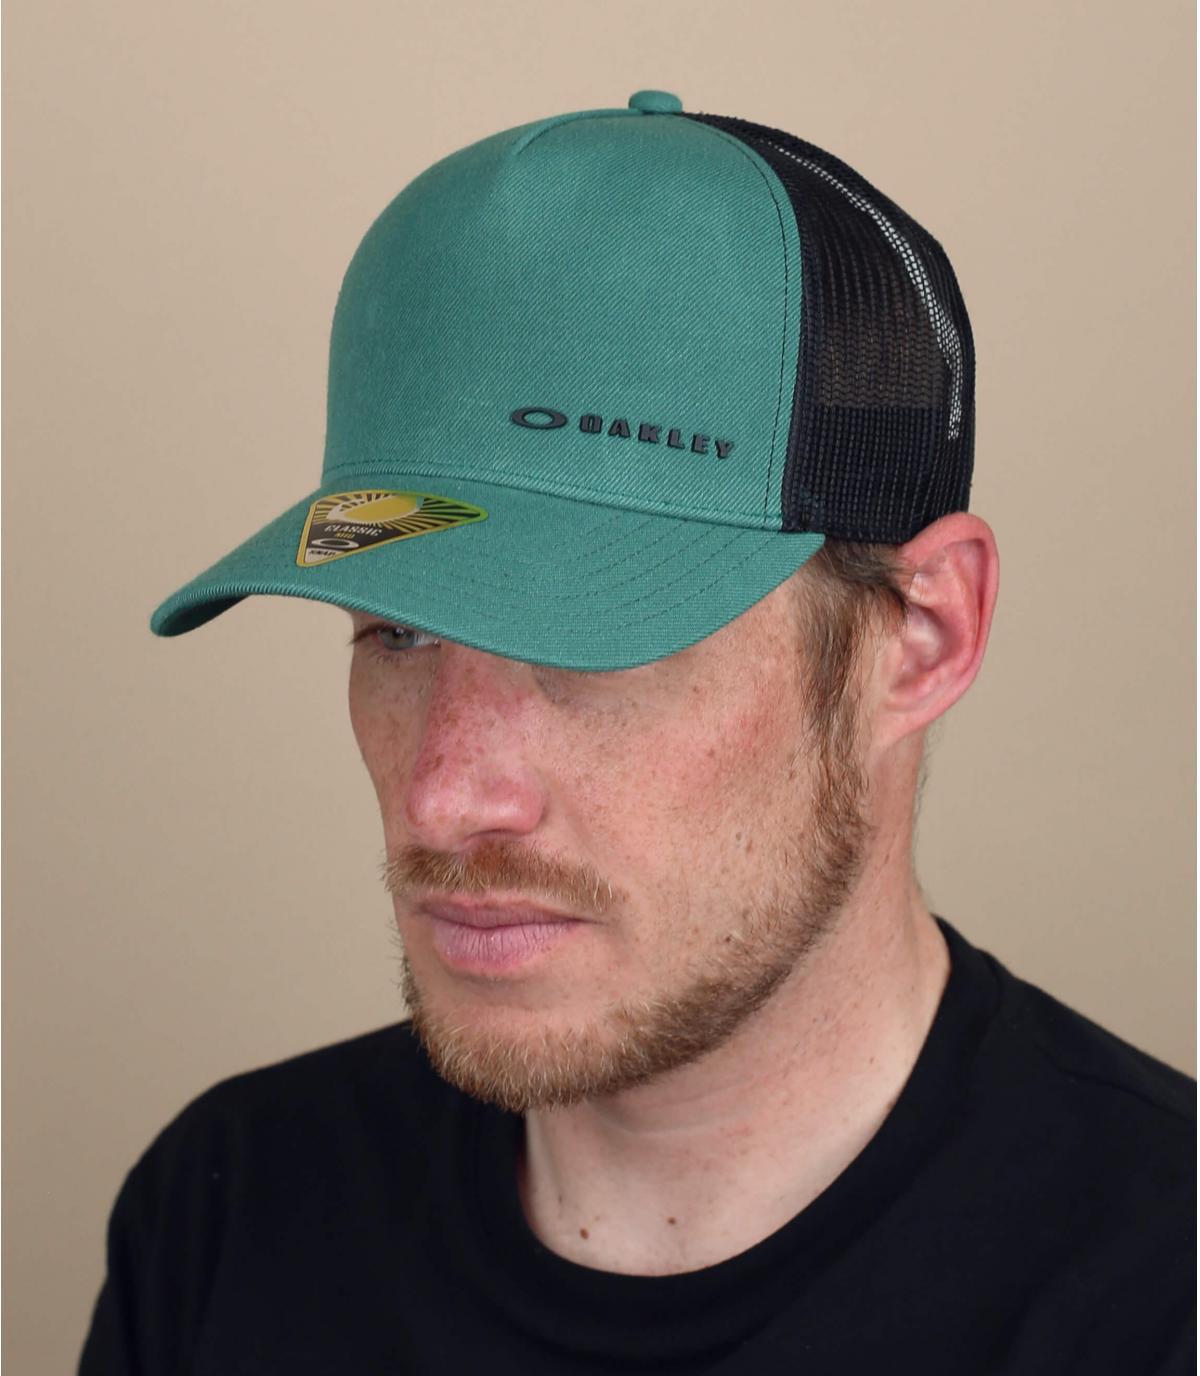 Oakley groene trucker